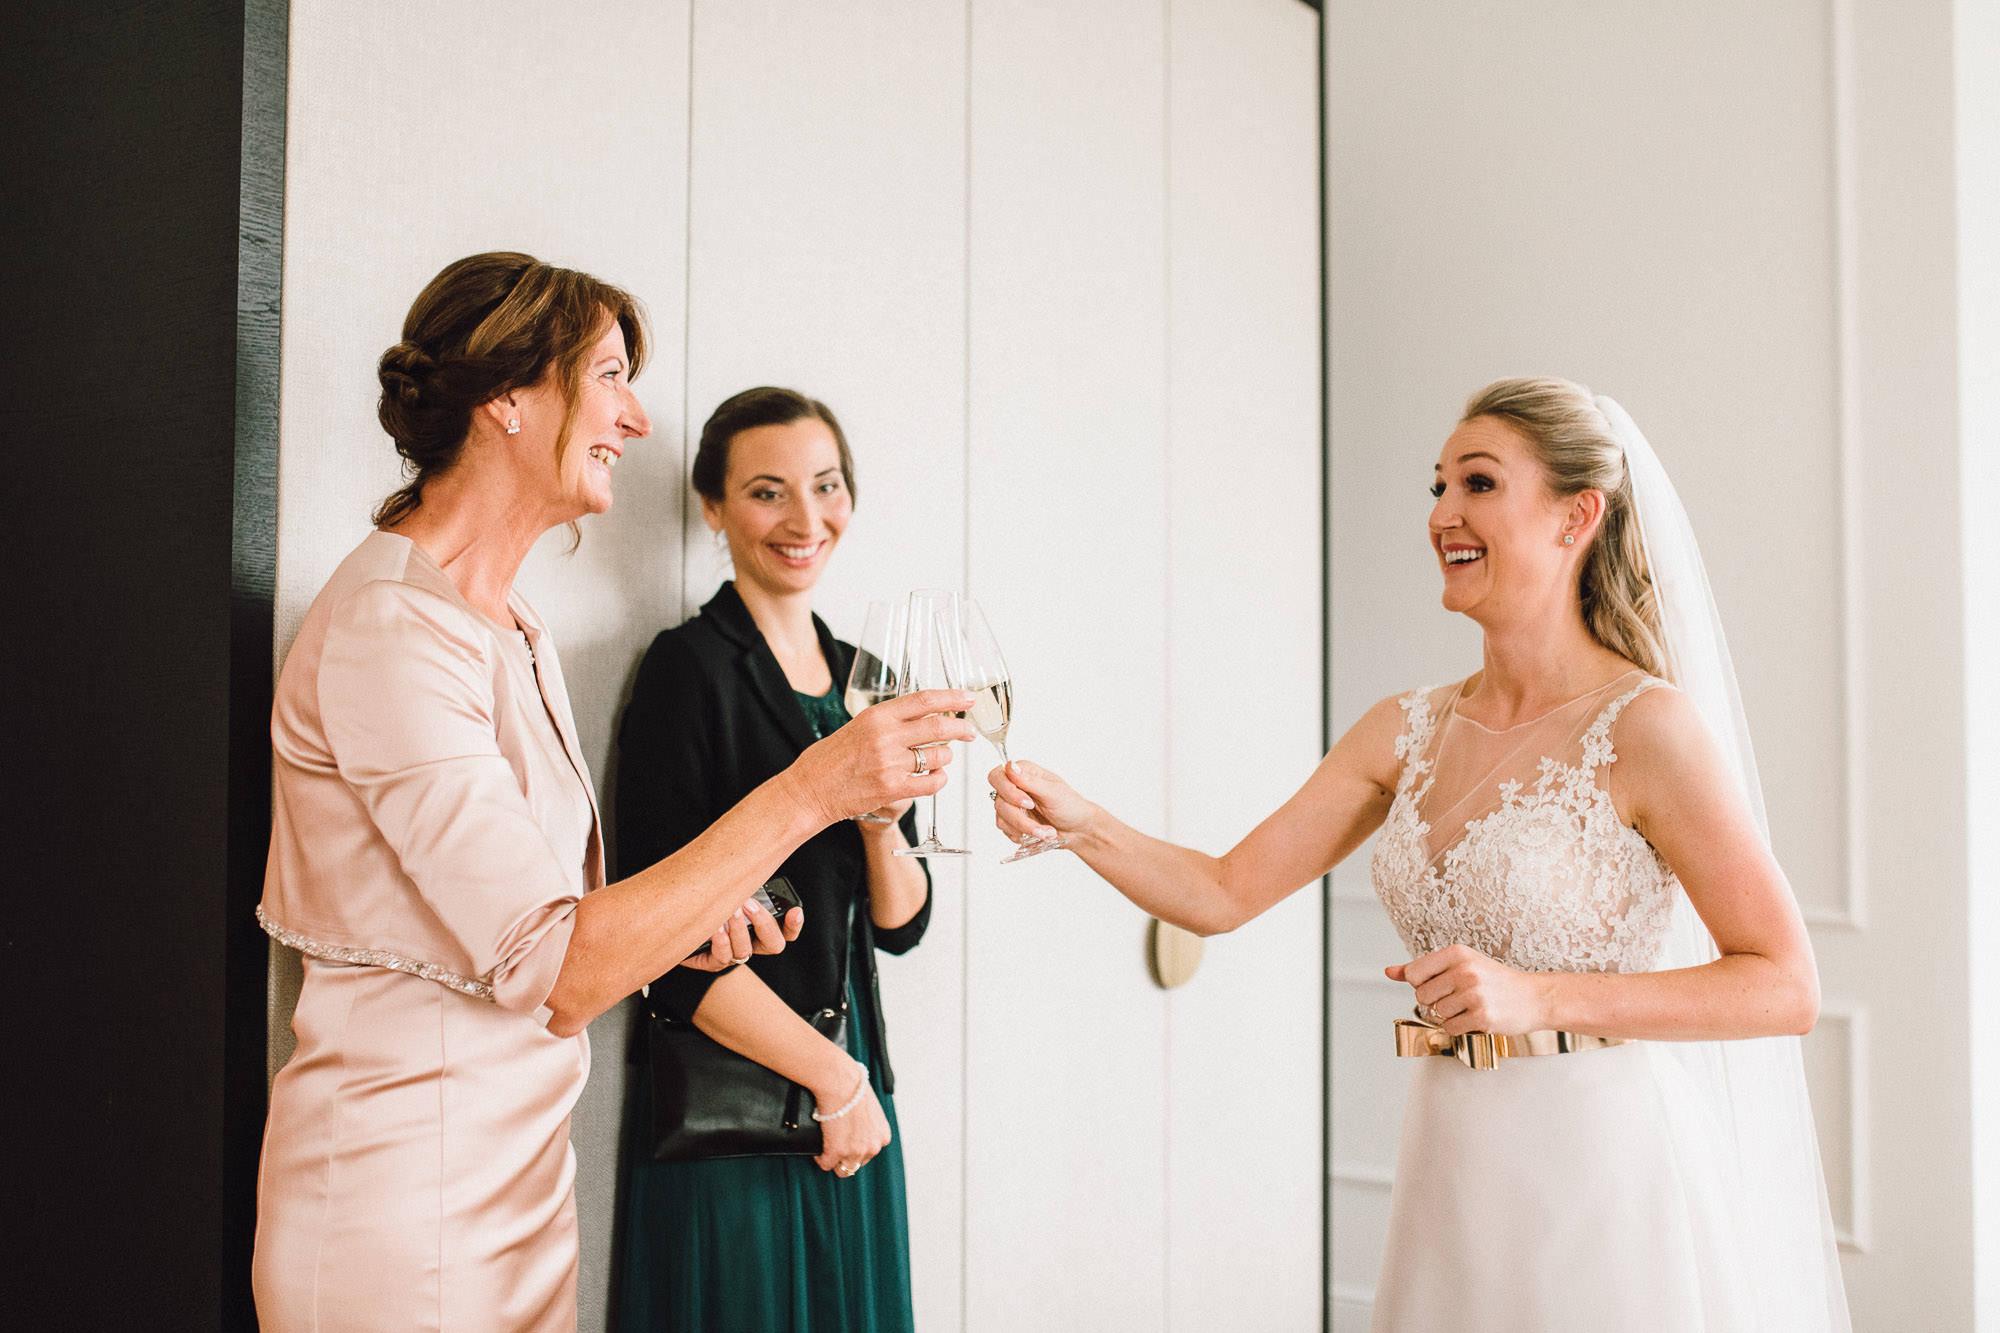 Ein erstes Glas Sekt am Hochzeitstag